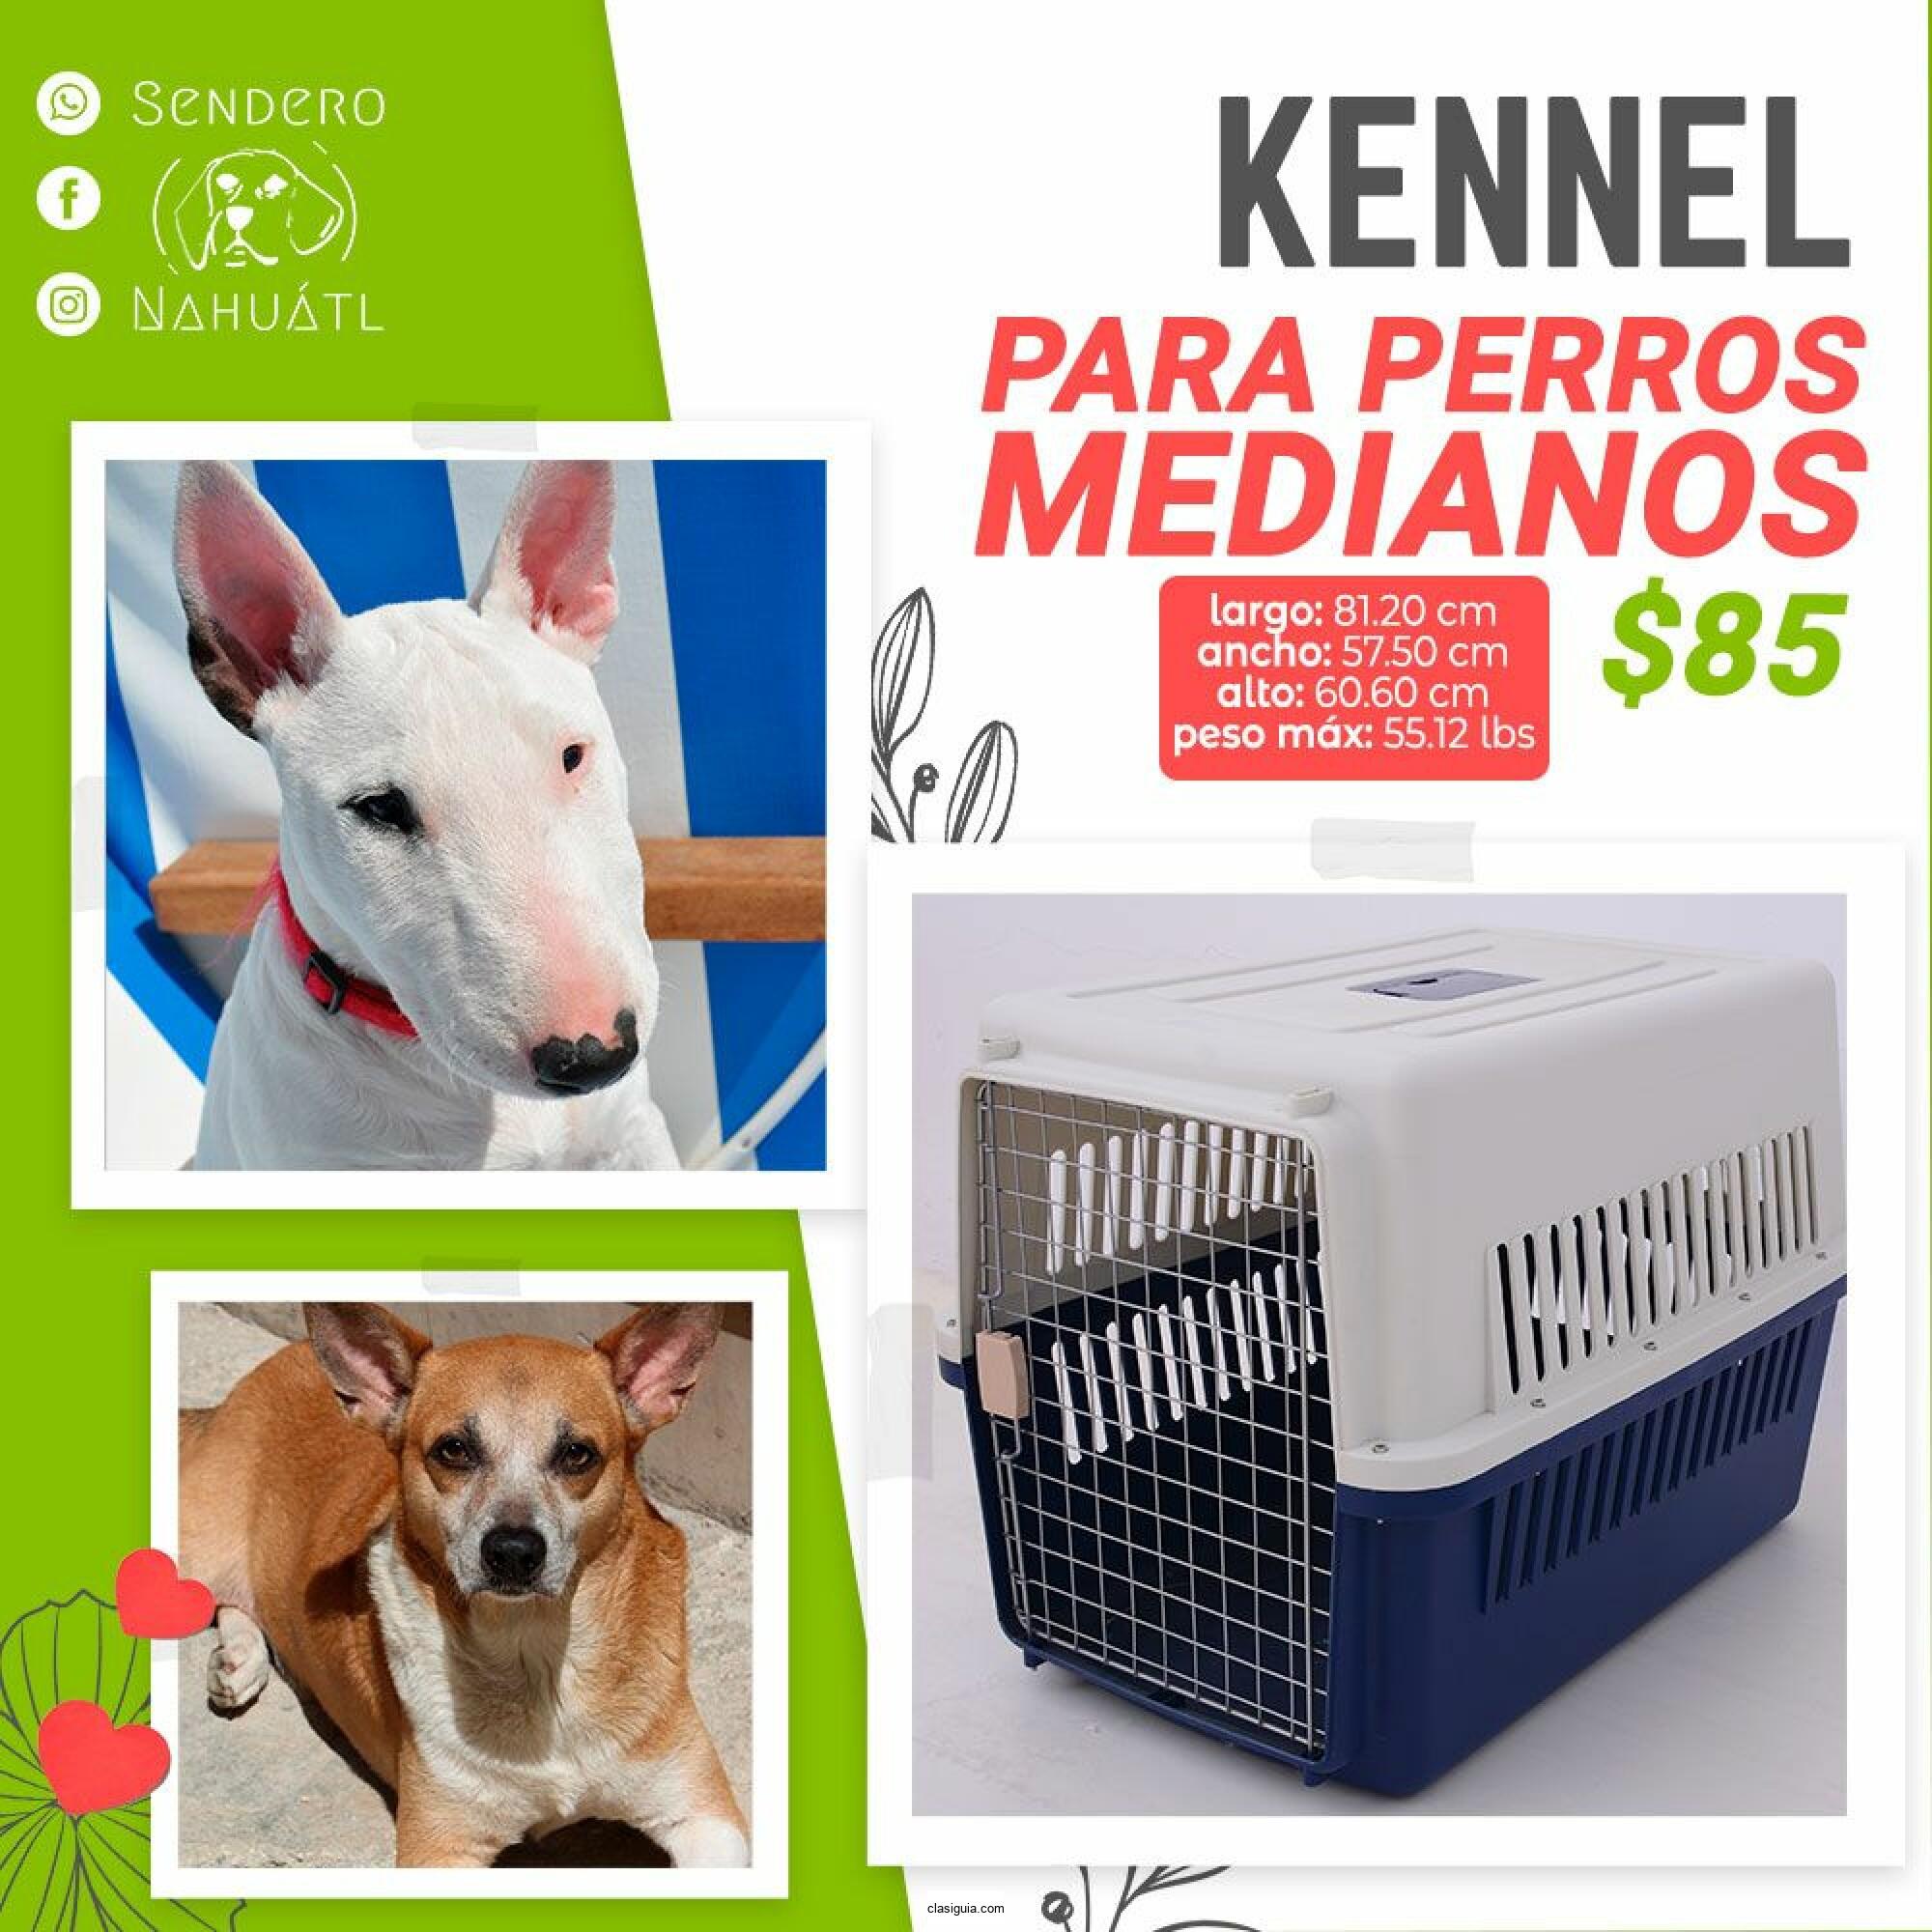 Jaula transportadora o kennel para perro